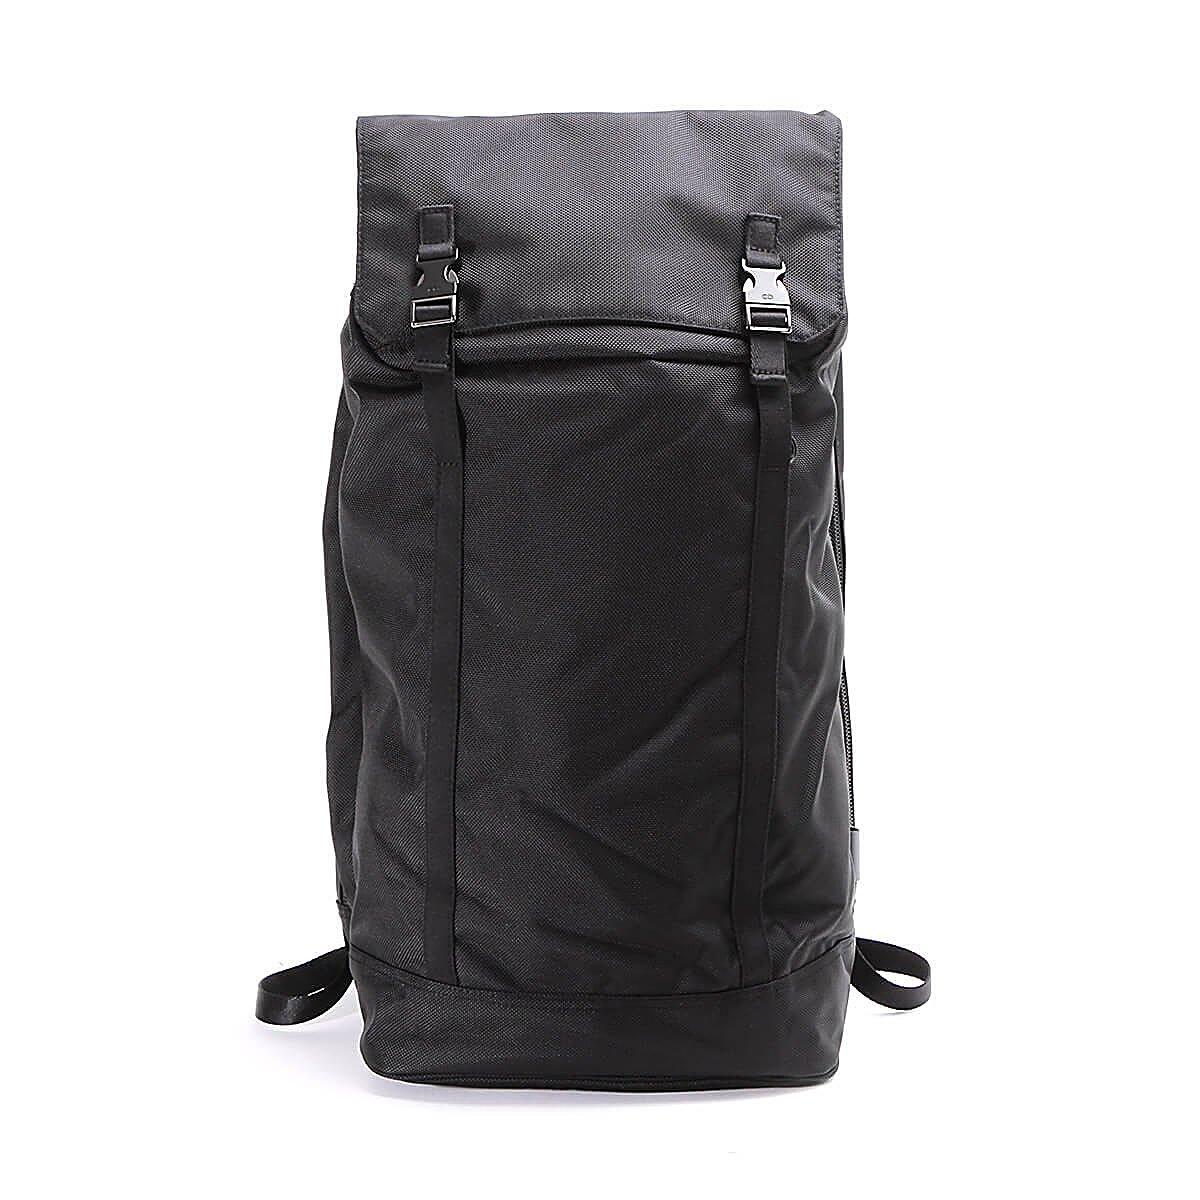 シーシックス リュック Genesis Backpack DURABLE NYLON C1874 B07B4799GQブラック